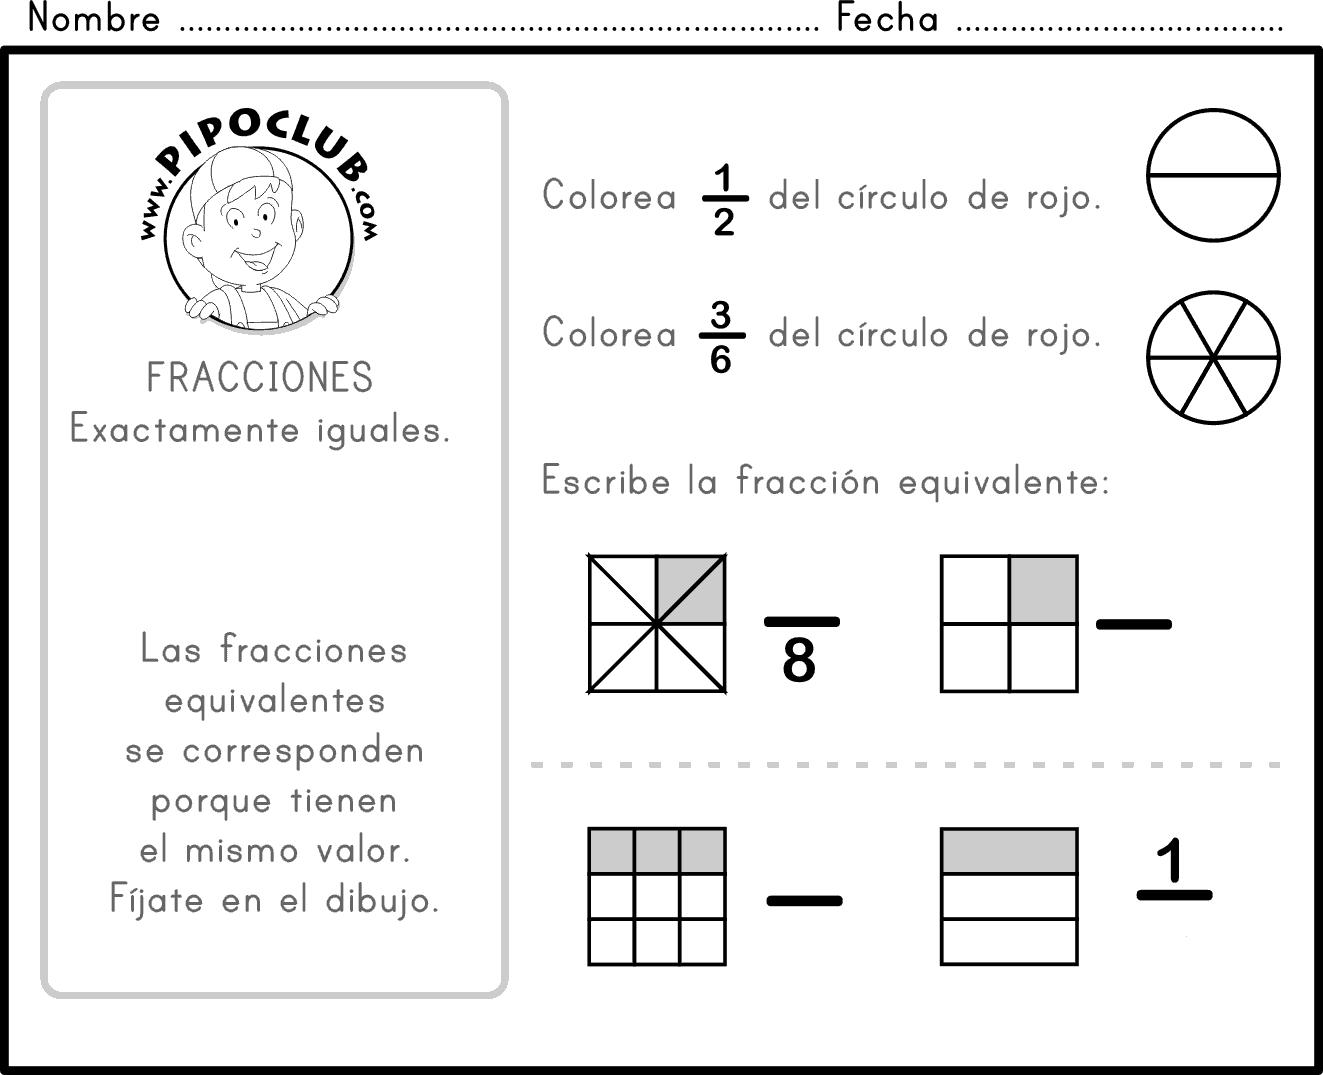 Ejercicios De Lectura Y Escritura De Fracciones - PDF - Imprimir |